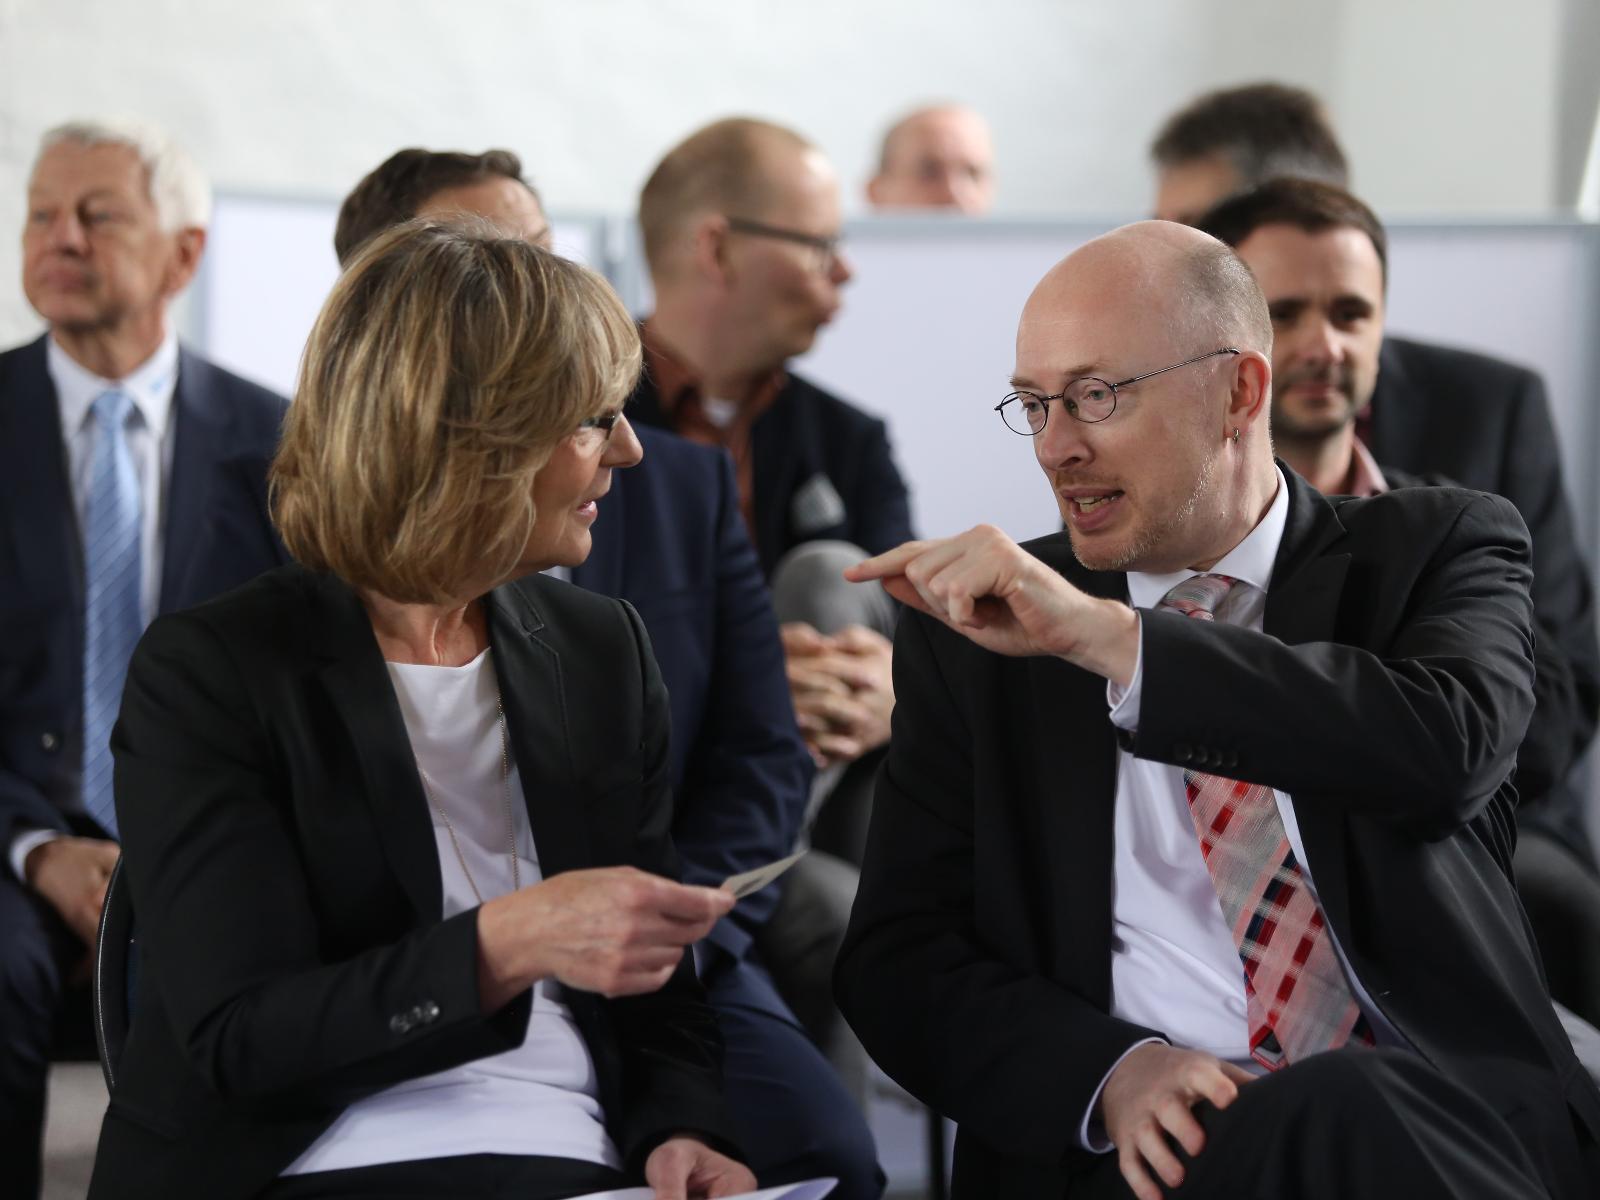 Stadtwerke-Vorstand Ute Römer und Christian Pegel, Energieminister MV